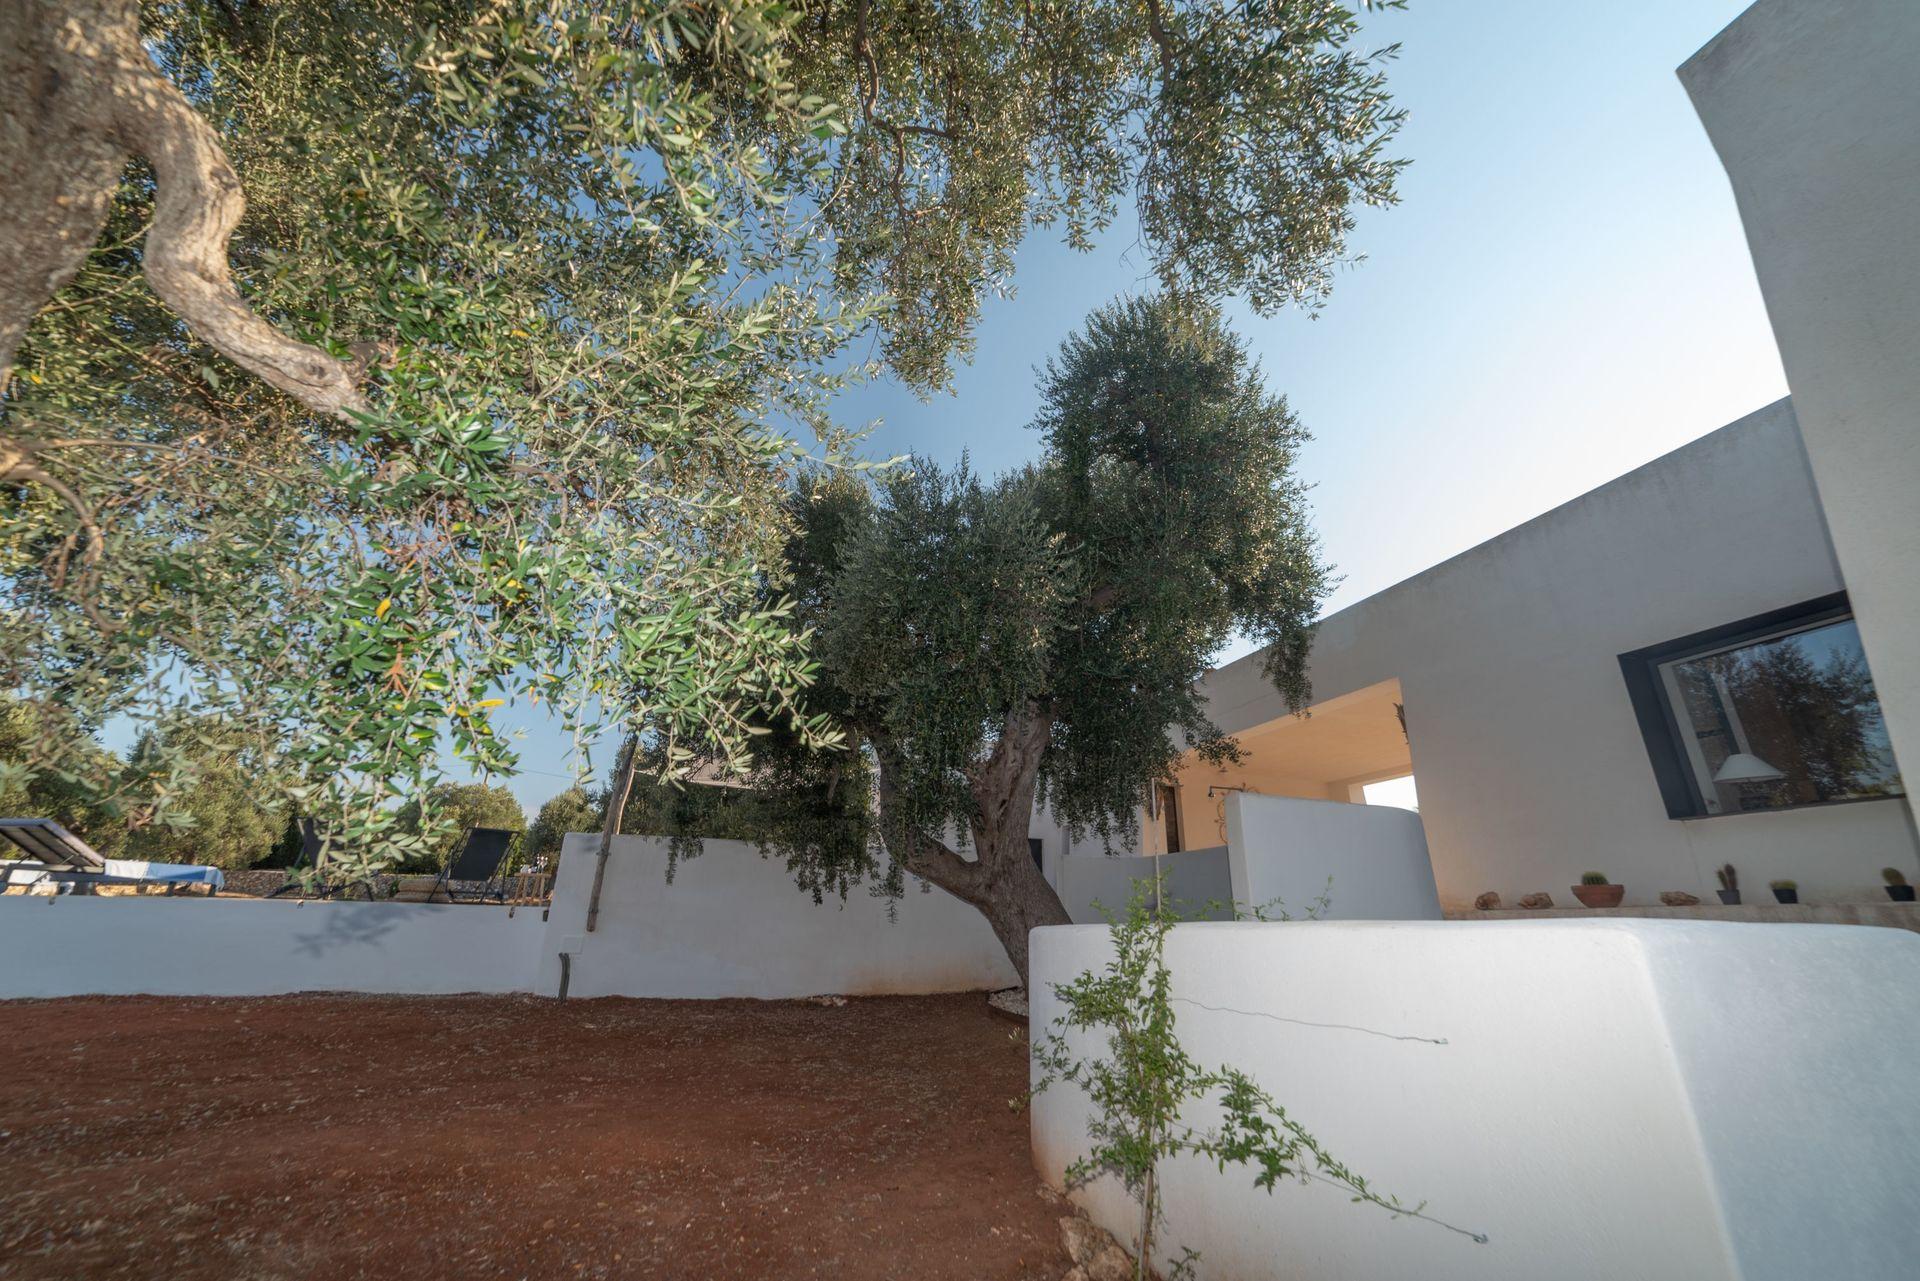 Acheter Une Maison En Italie Abruzzes casa liloudou location de vacances - couchages 8 dans 4